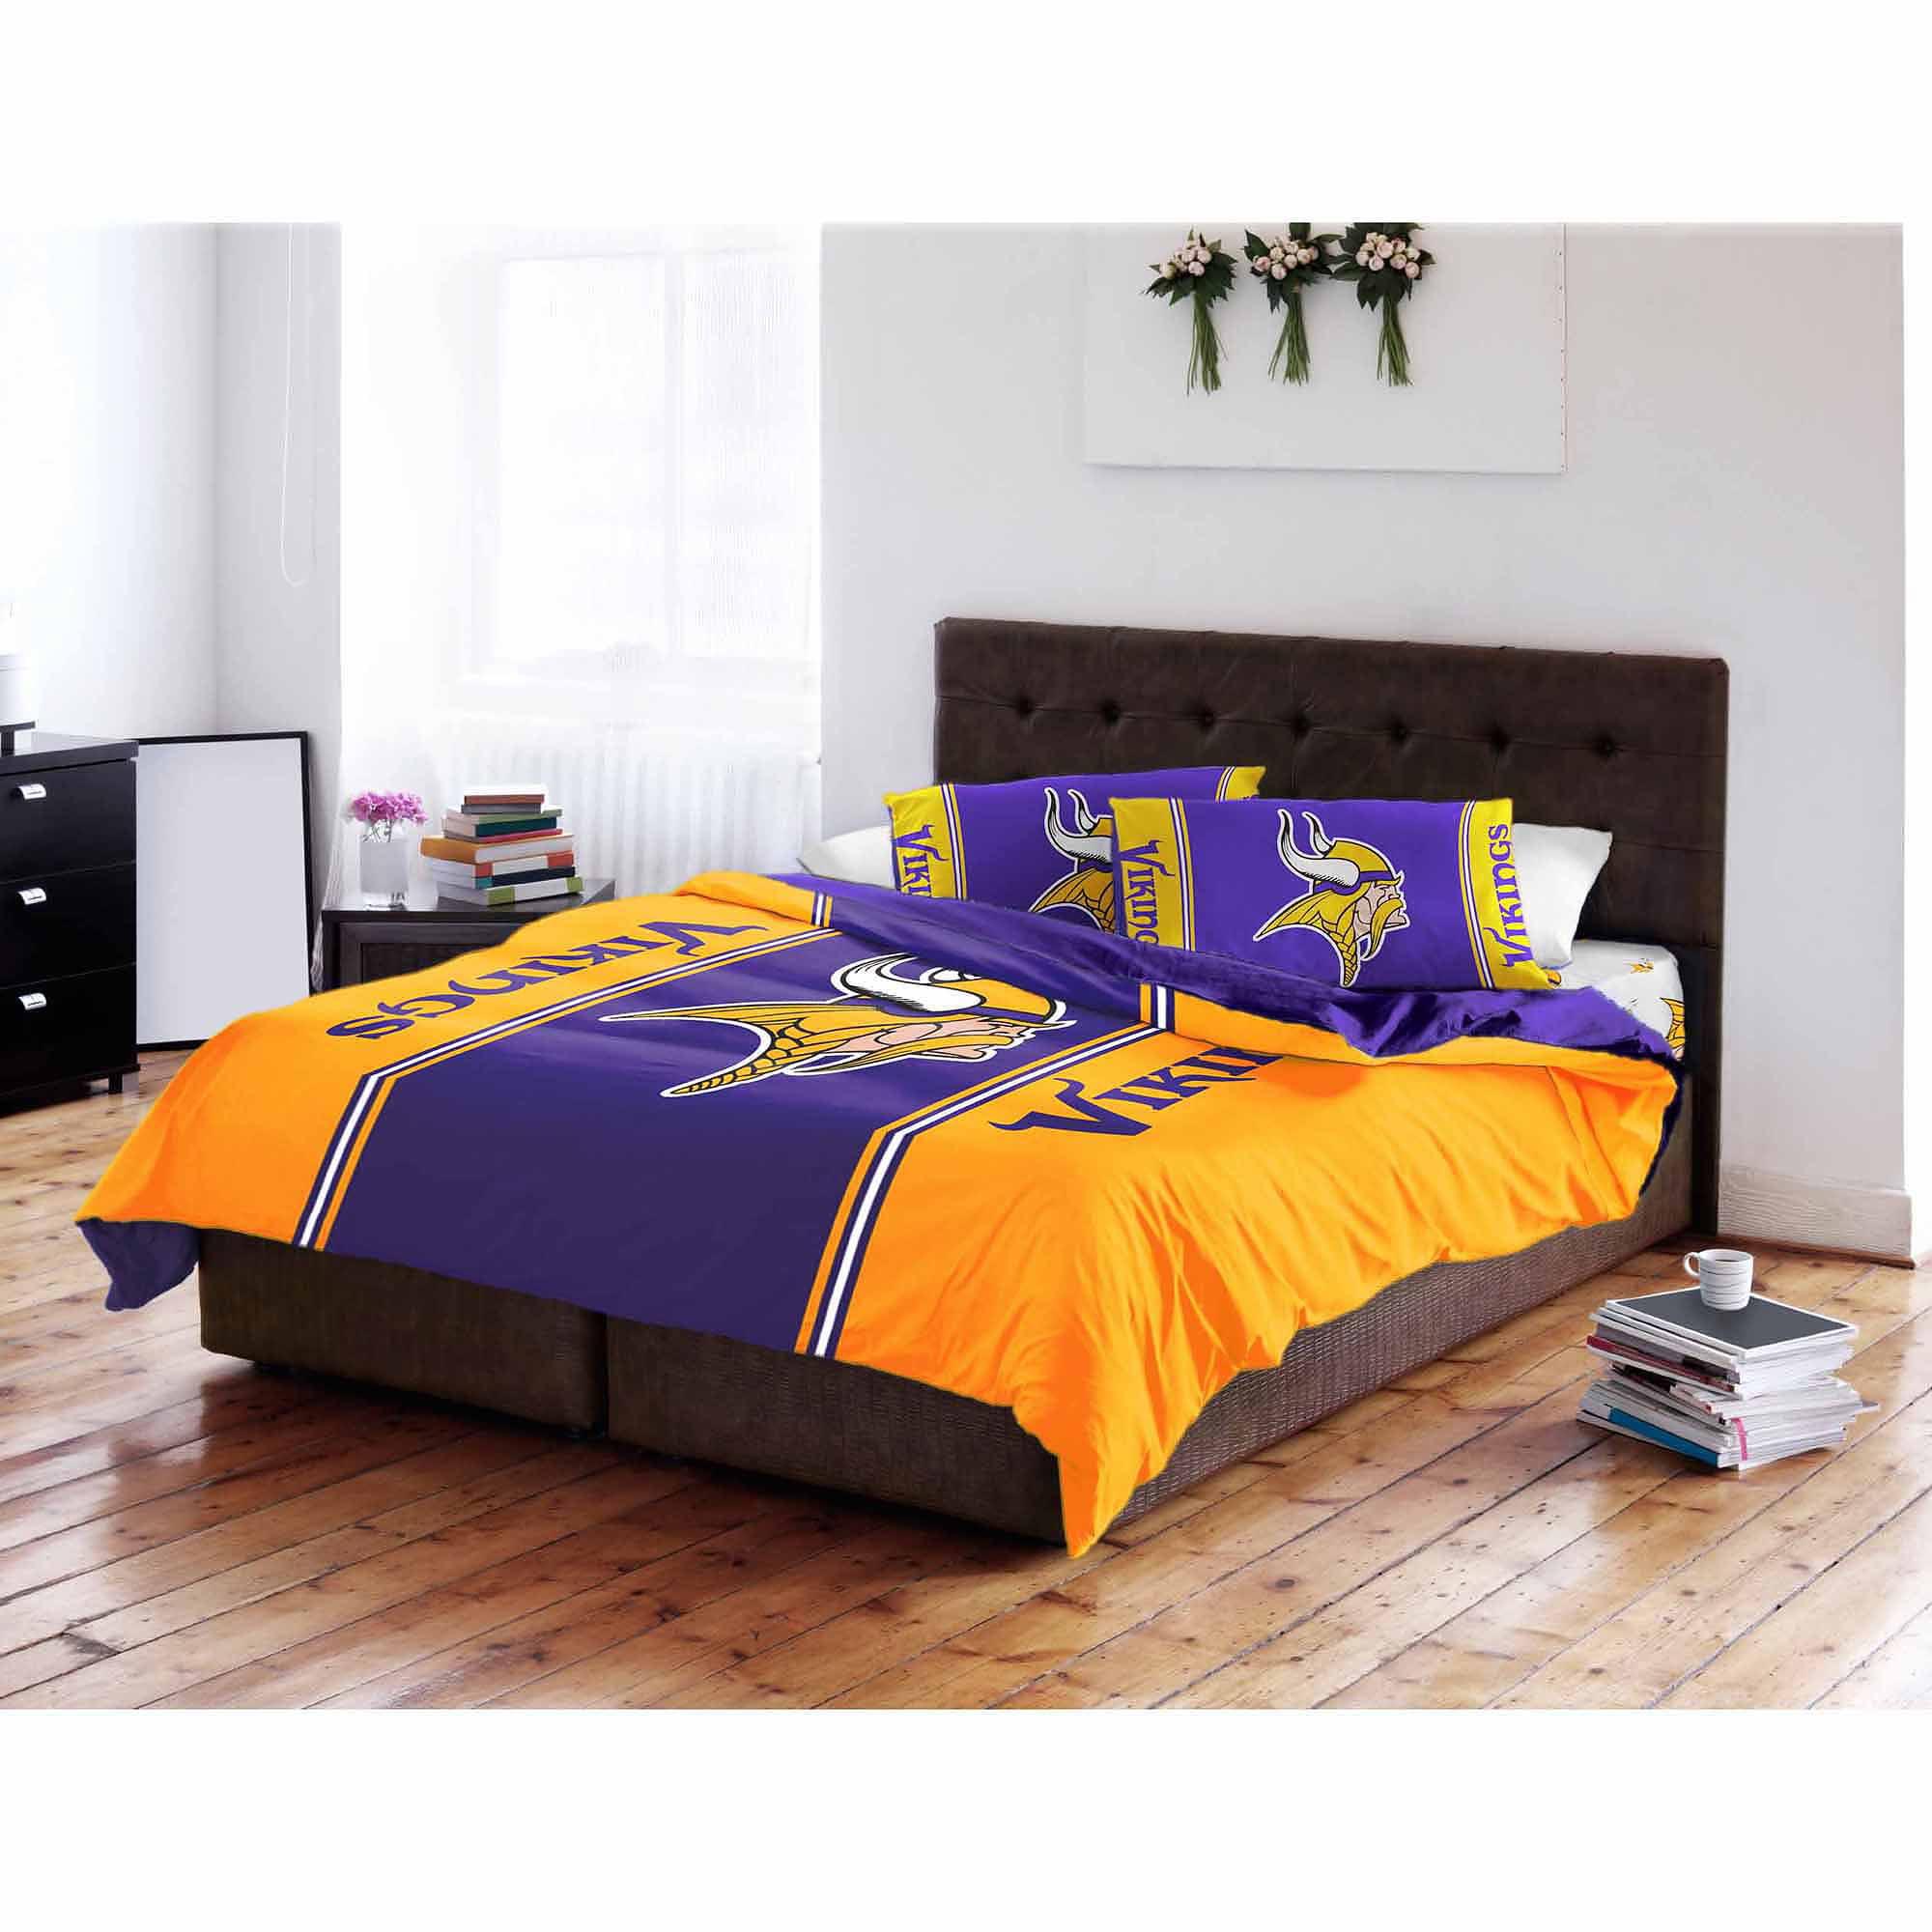 NFL Minnesota Vikings Twin/Full Bedding Comforter